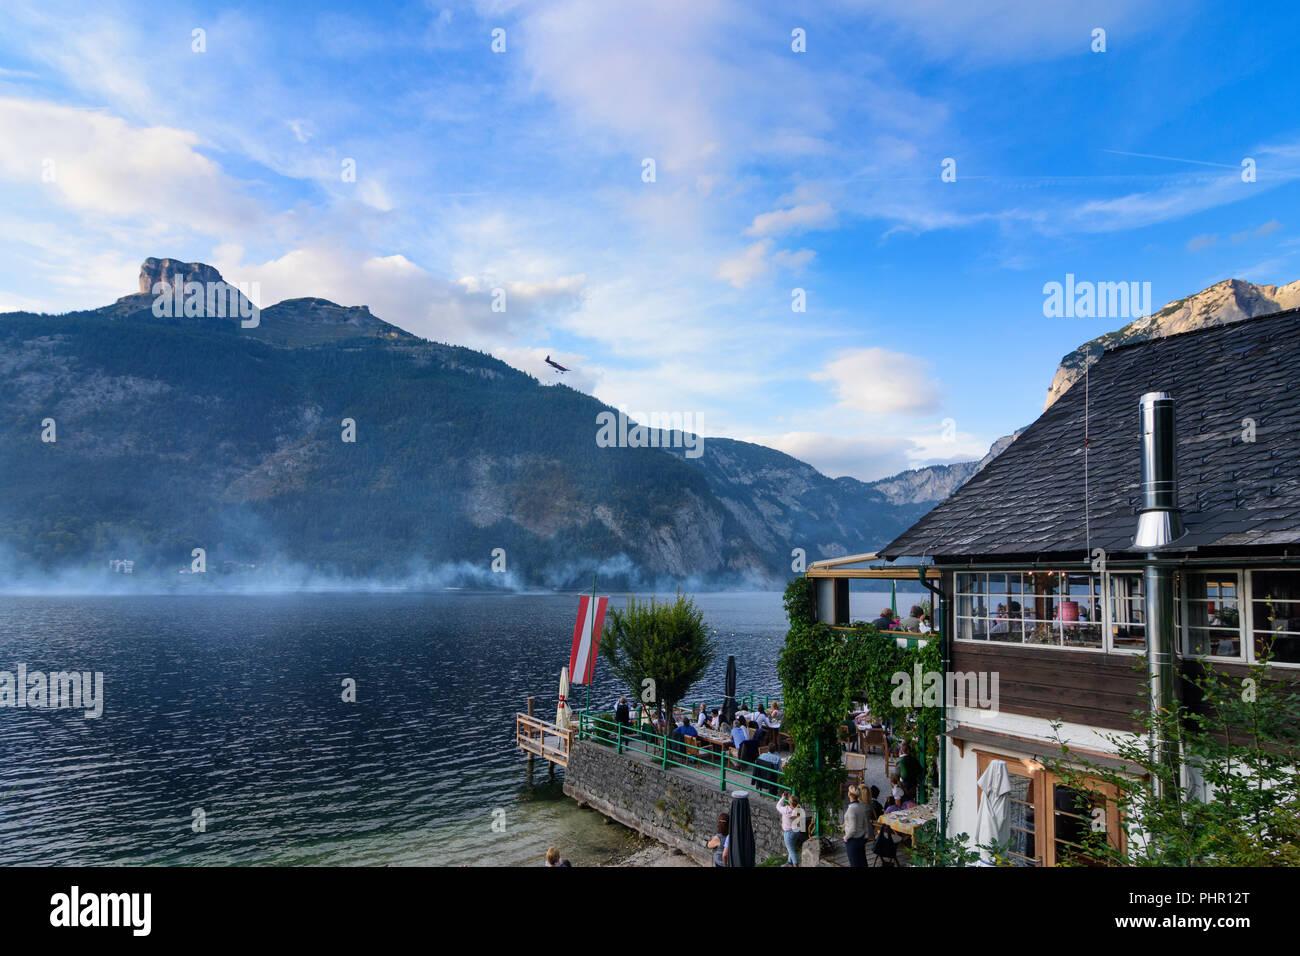 Altaussee: lake Altausseer See, mountain Loser, restaurant Strandcafe, airshow at festival 'Berge in Flammen', Ausseerland-Salzkammergut, Steiermark,  - Stock Image